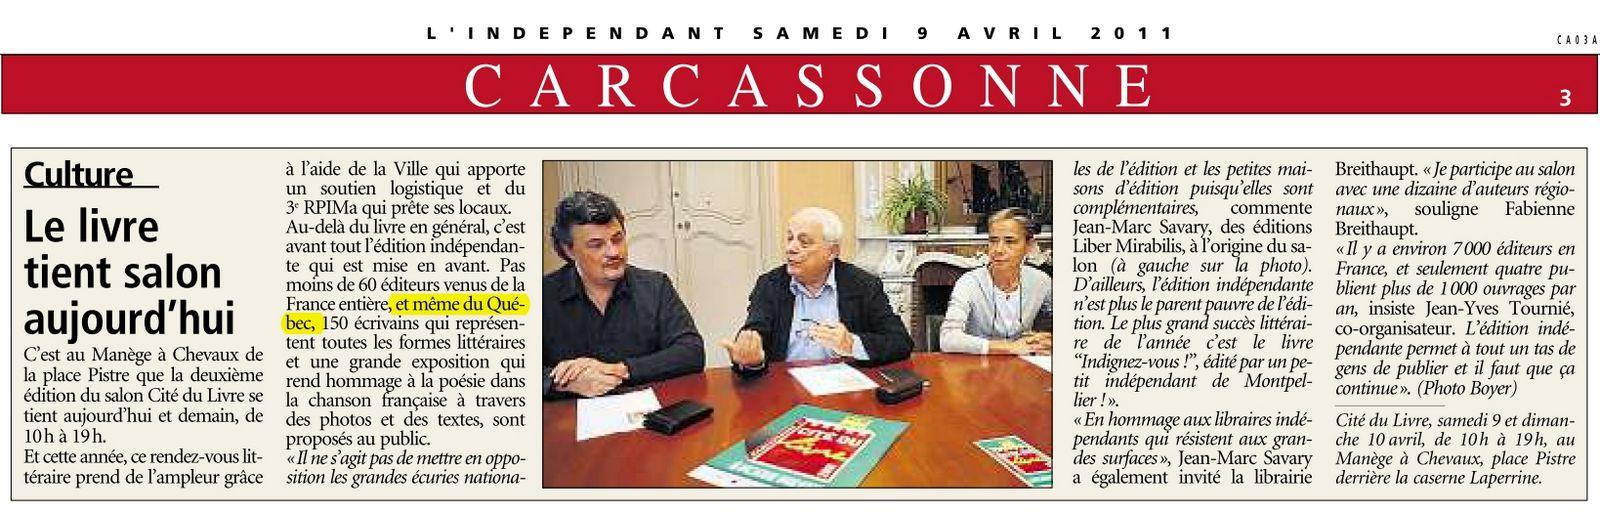 L'Indépendant, samedi le 9 avril 2011, page 3.